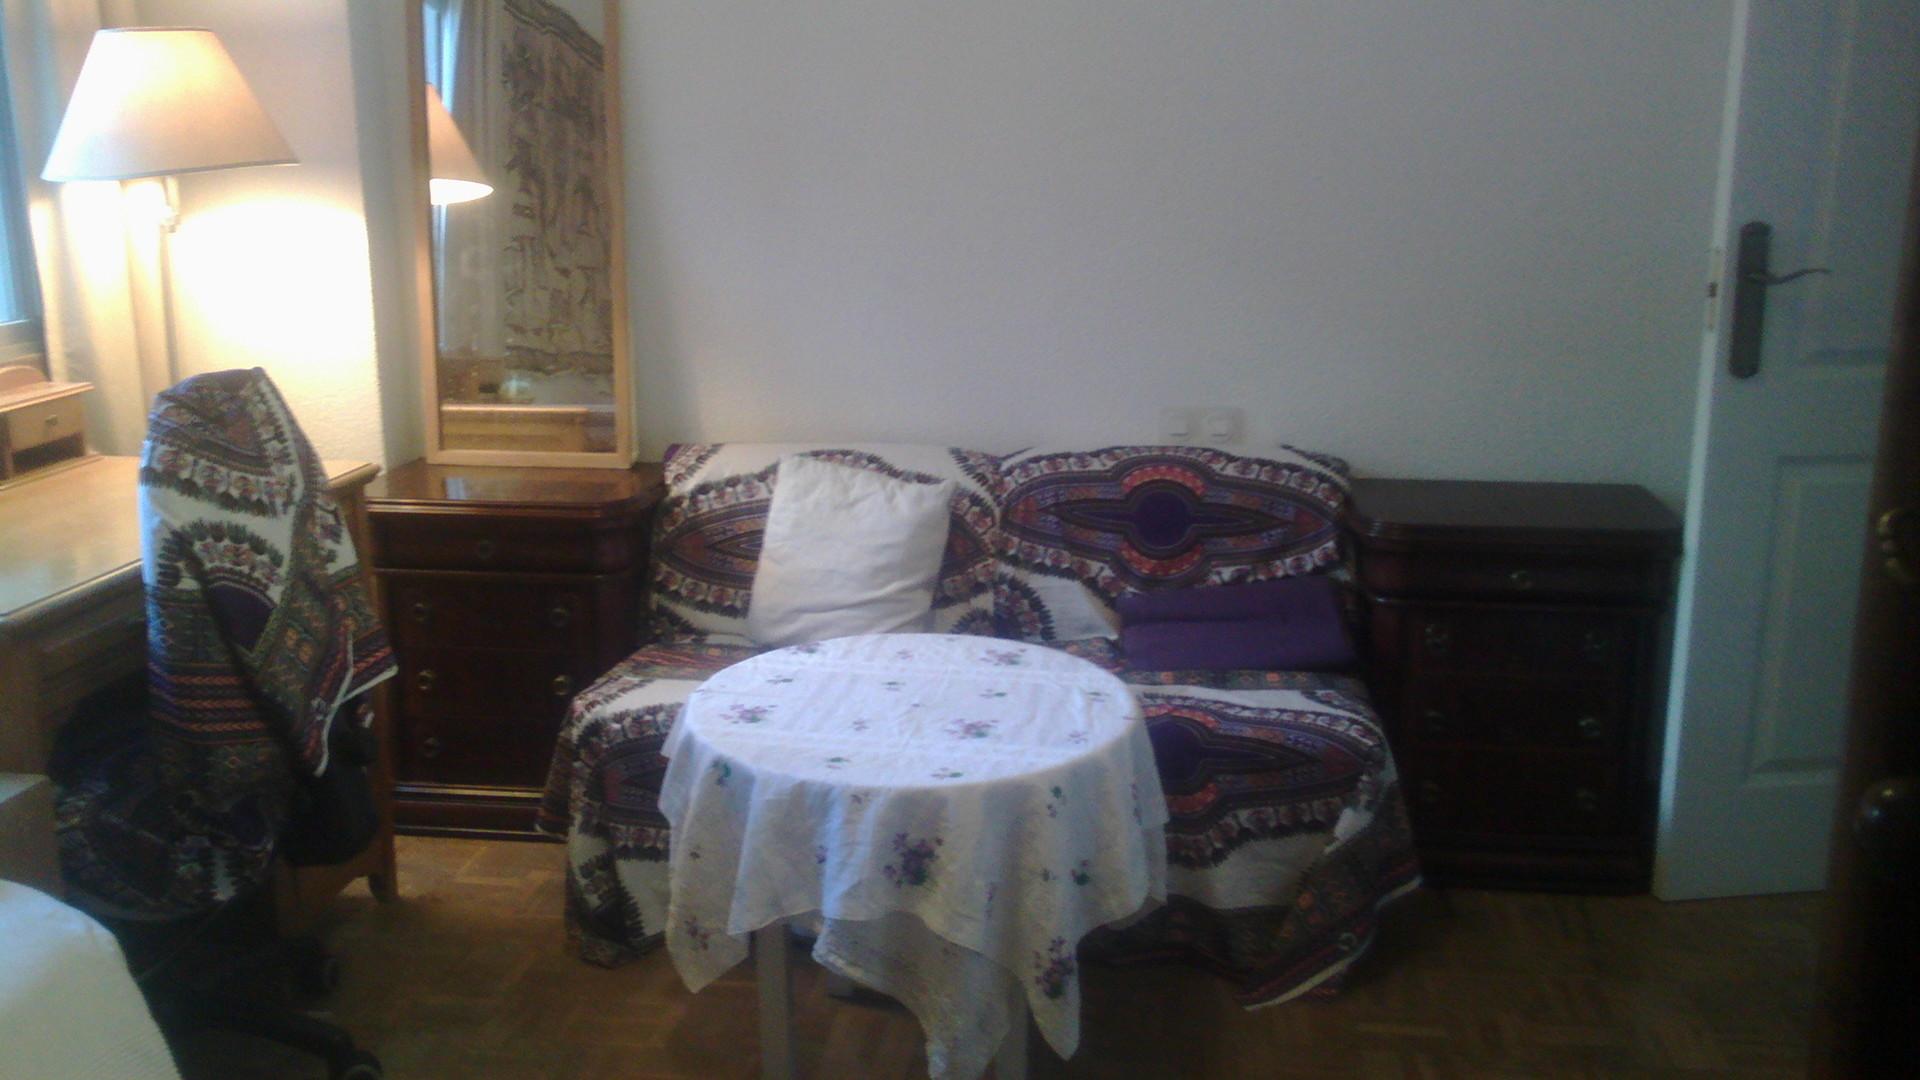 Habitación tranquila en casa familiar, con luz exterior y ventan